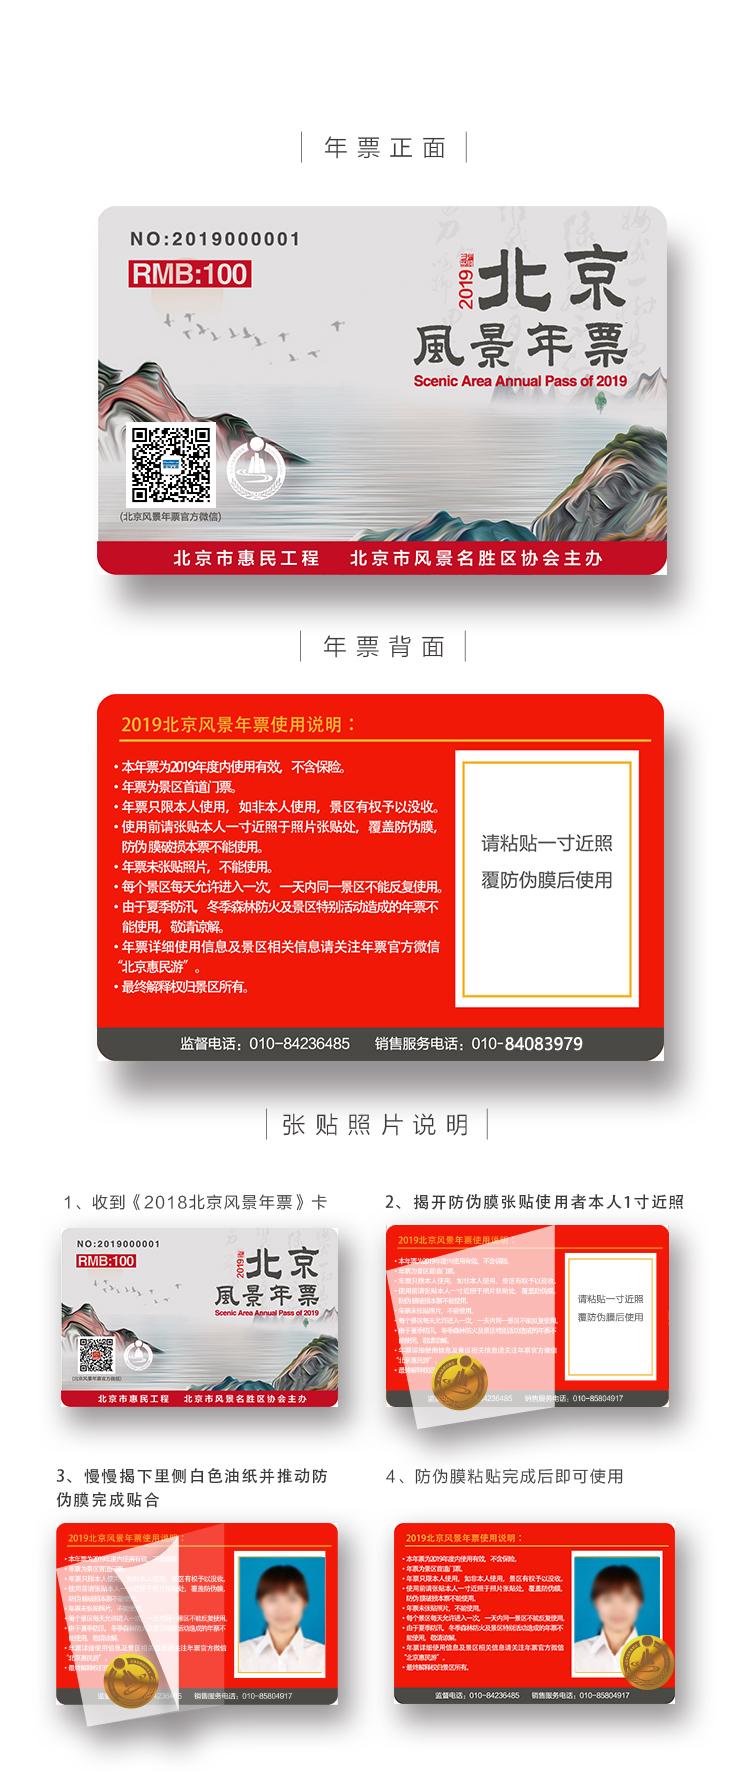 2019北京風景年票正面背面及張貼照片說明